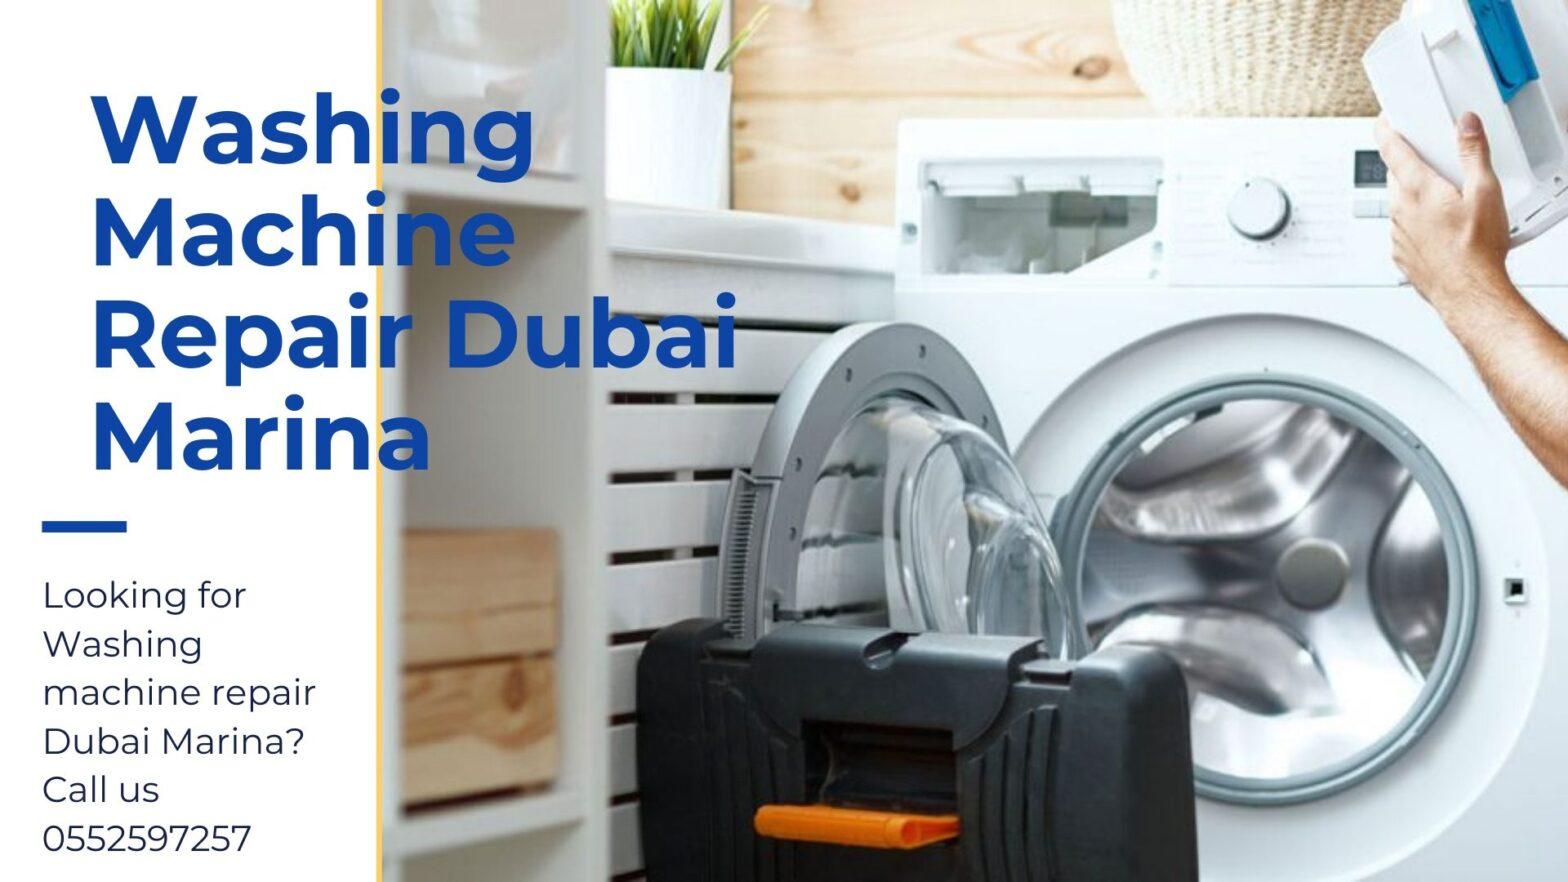 Washing machine repair Dubai marina